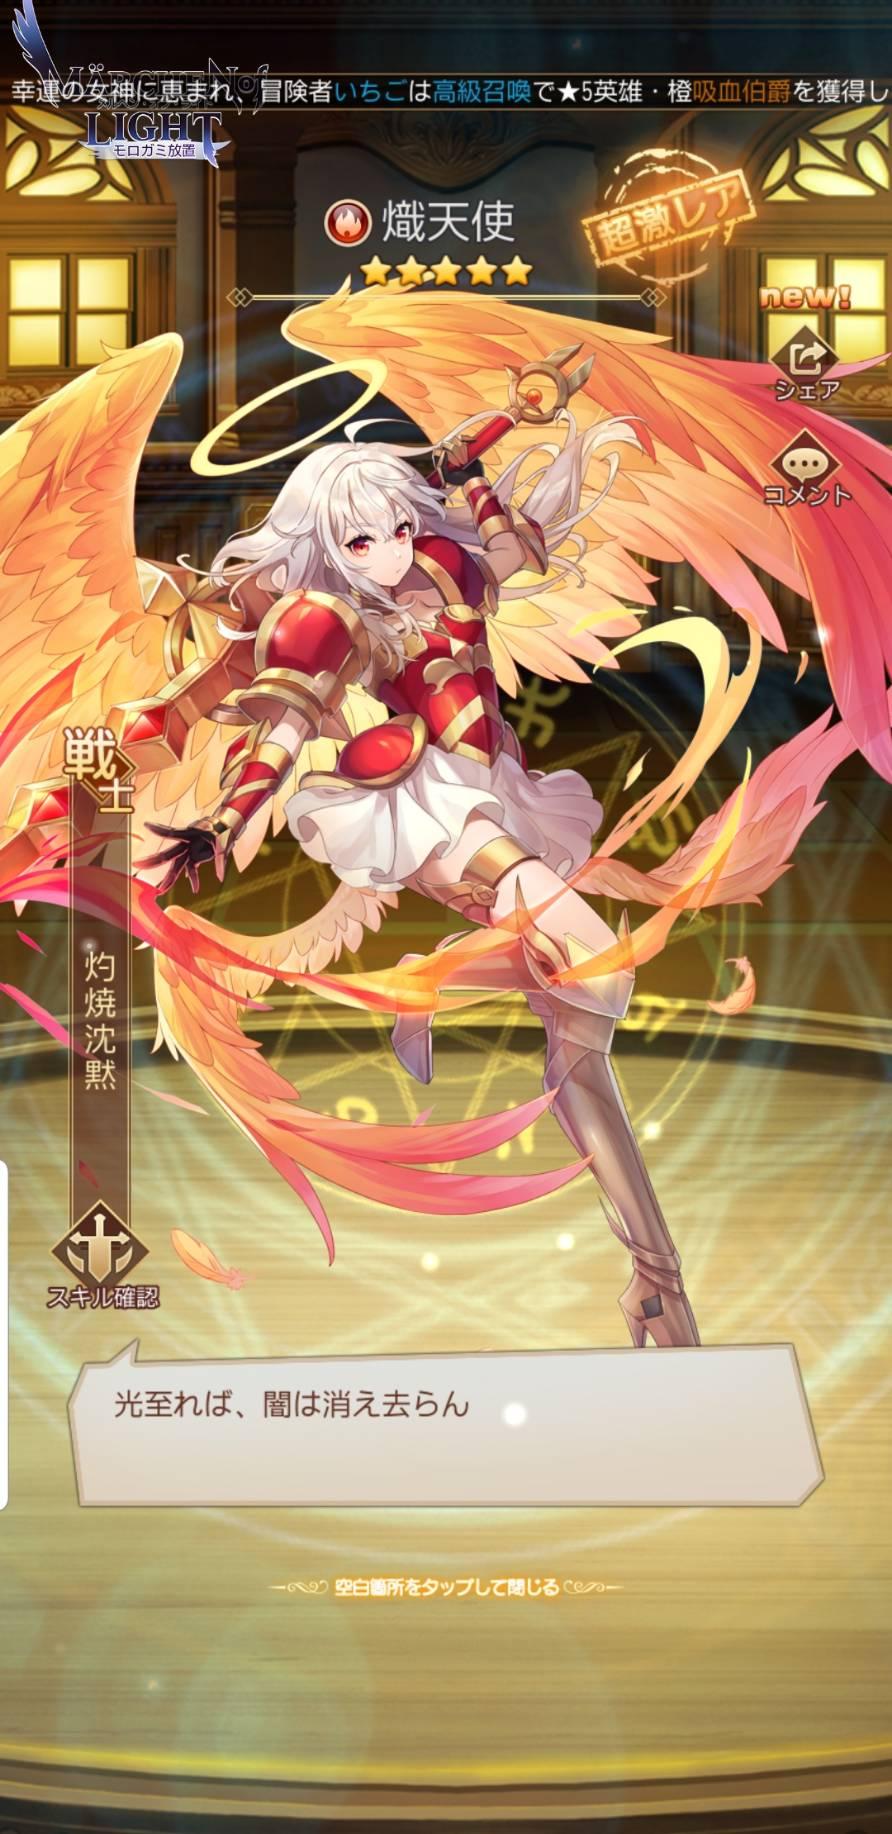 メルオラ、堕天使